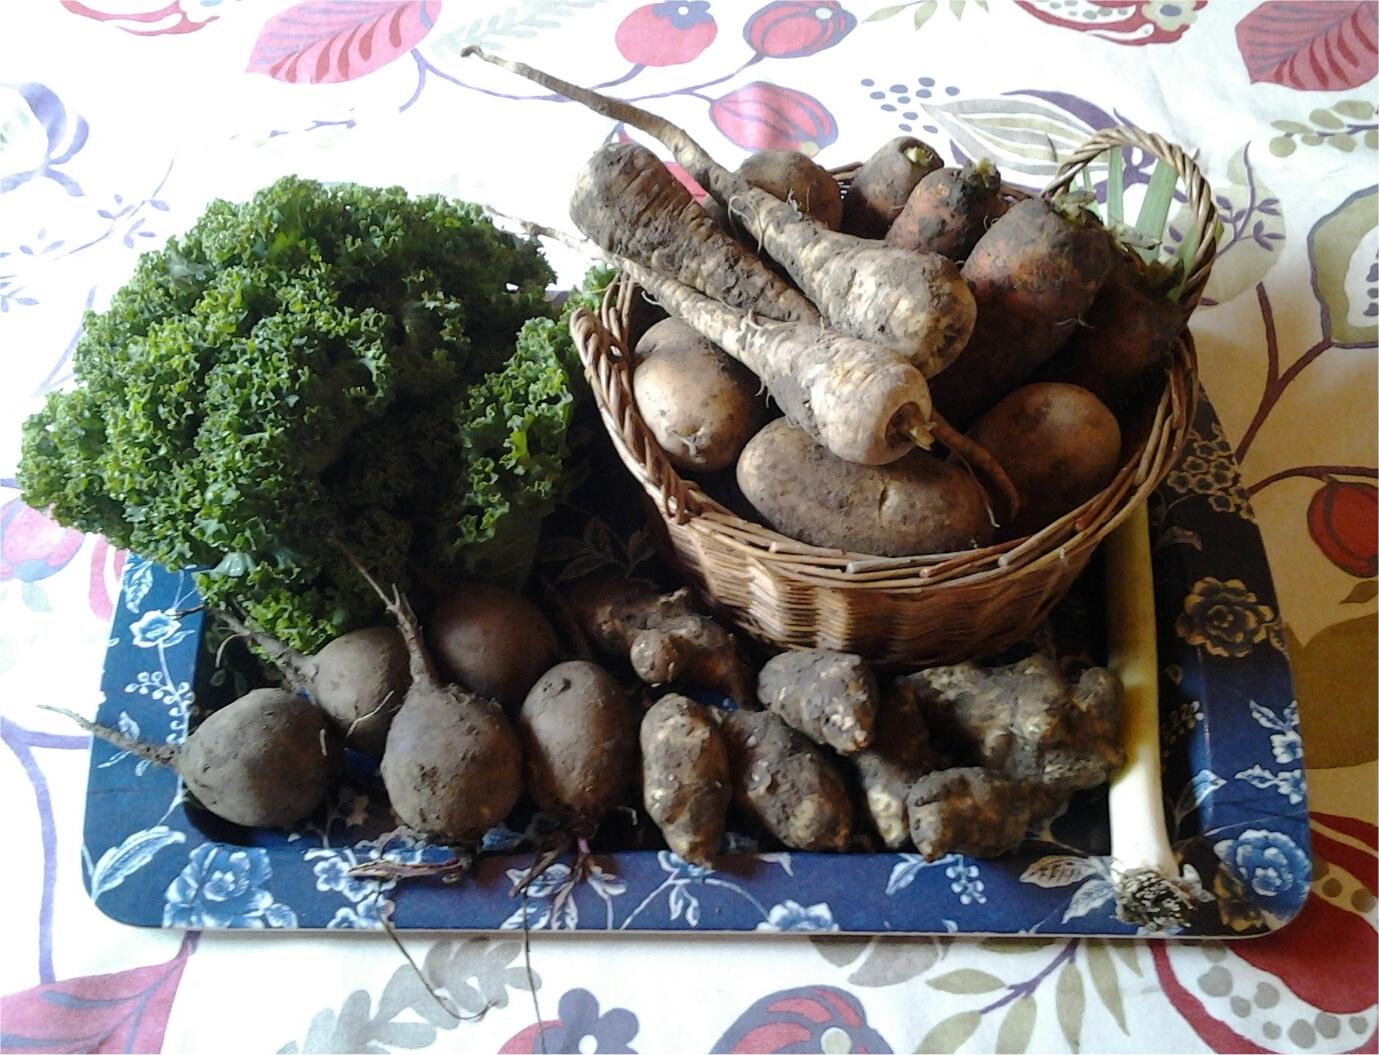 Lehtikaali 199 g, punajuuret 417 g, maa-artisokat 405 g, perunat 1250 g, palsternakat 261 g ja porkkanat 1173 g.